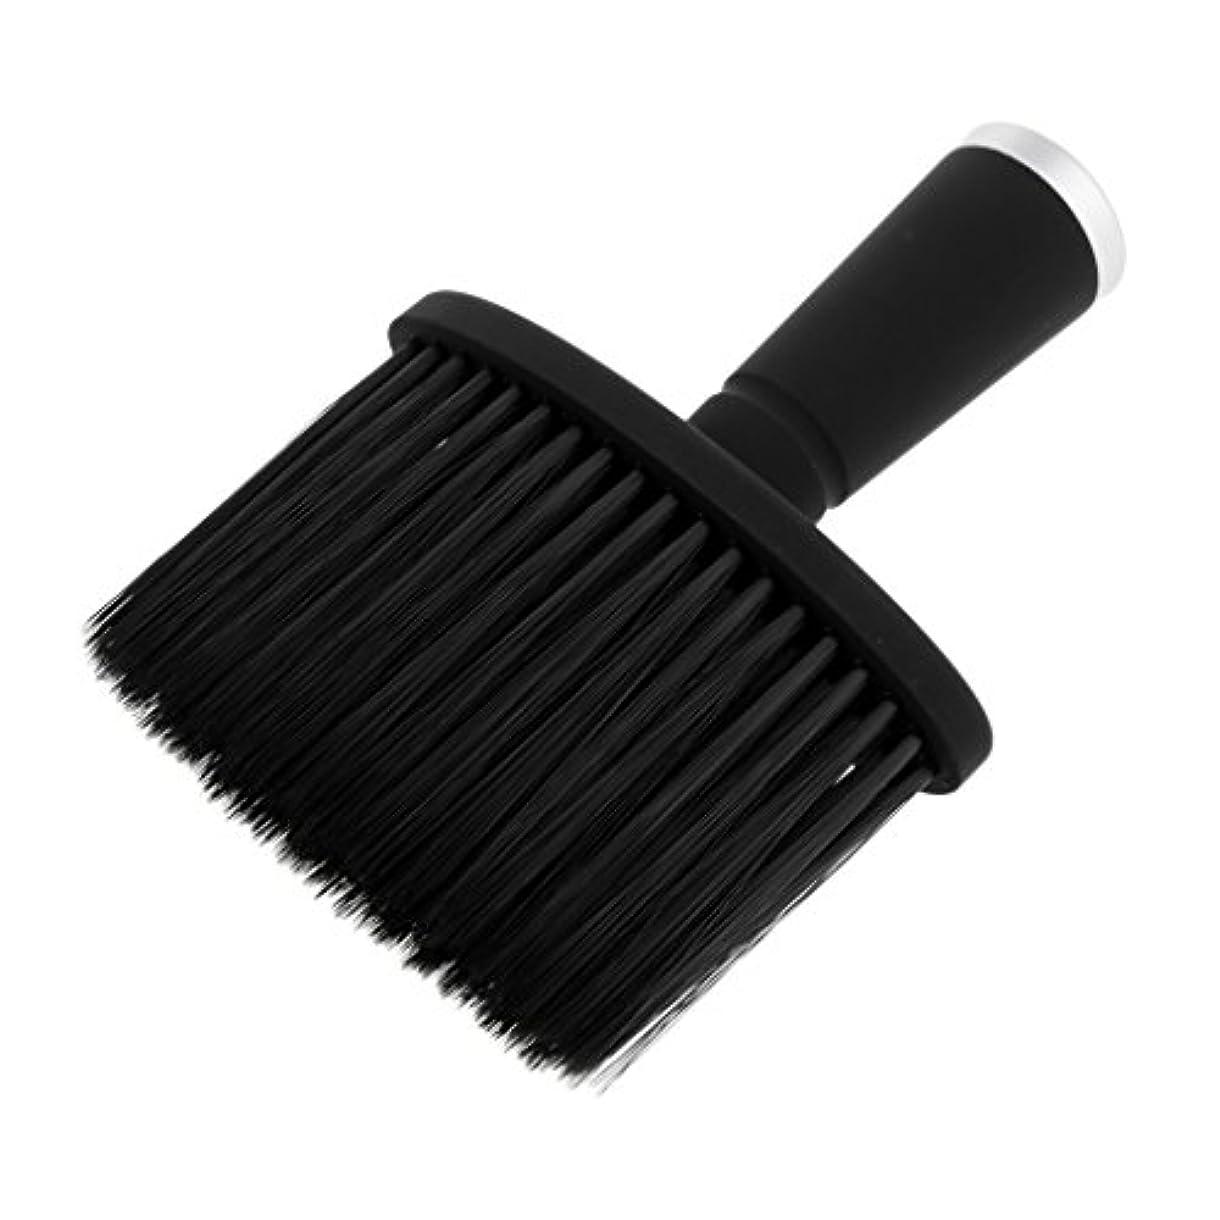 しなければならない経験者構造ソフトネックダスターブラシサロンのためのスタイリストの理髪髪ヘアカットメイクツール - 銀